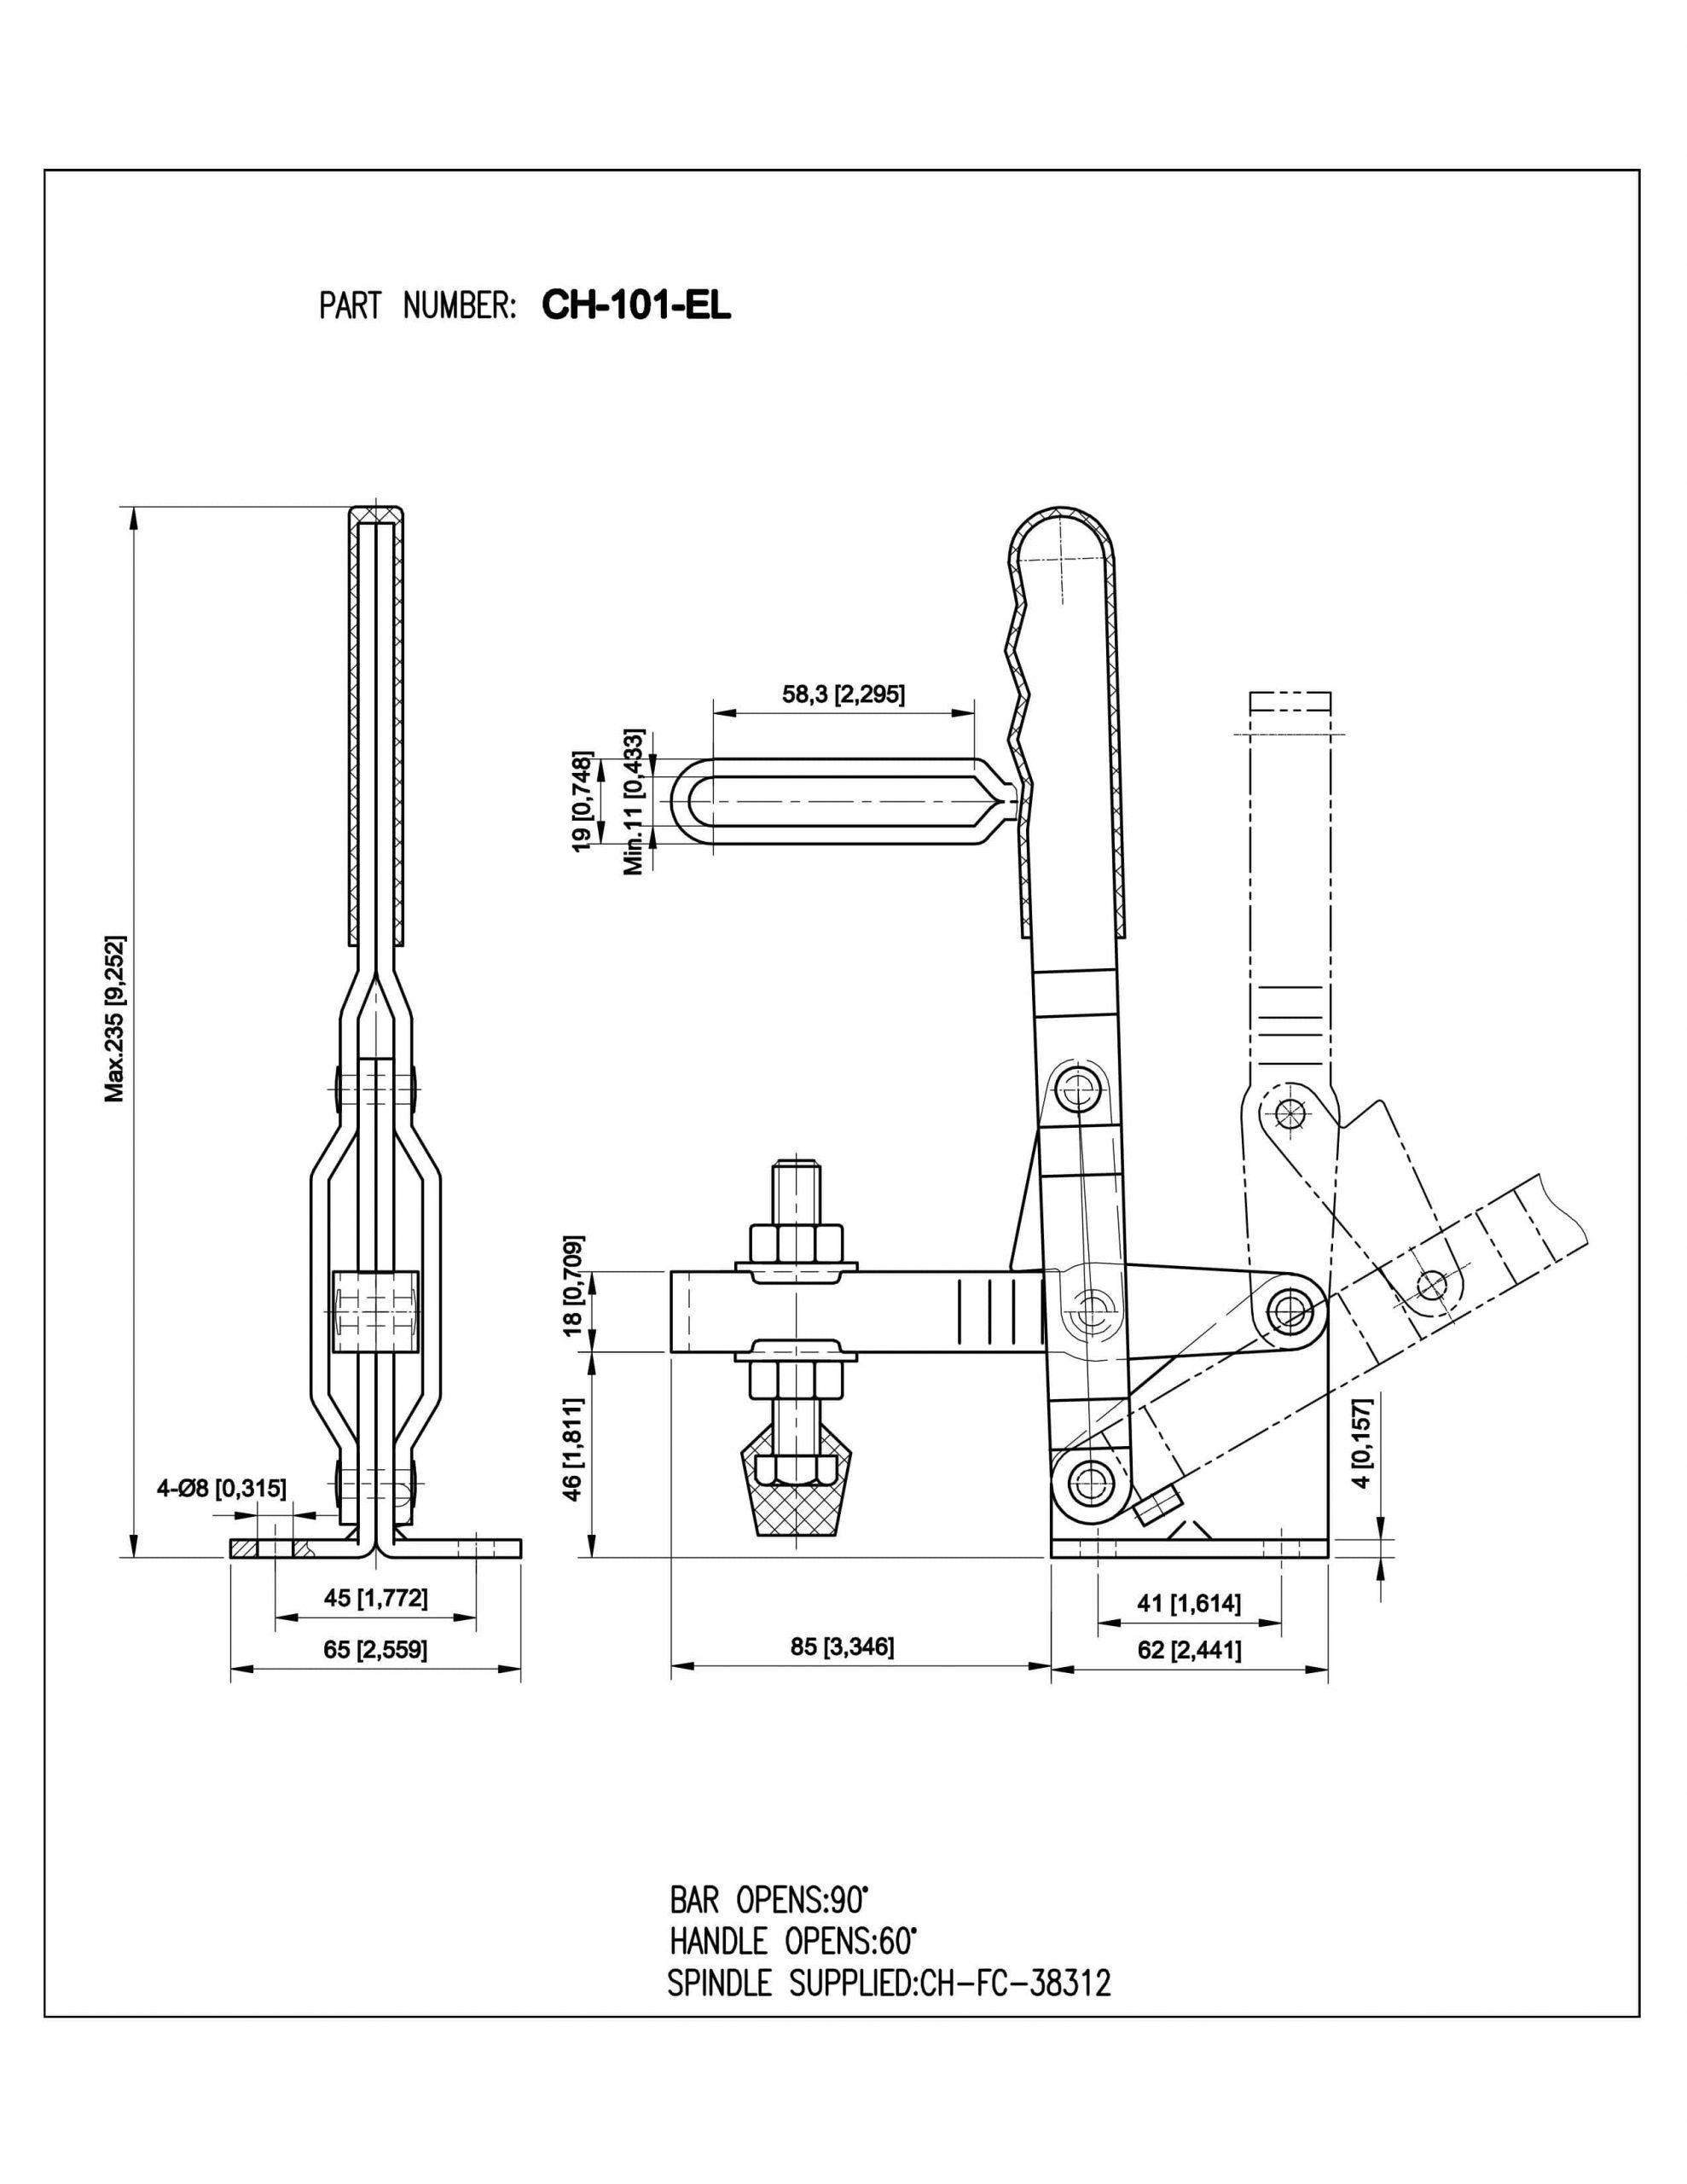 فروش کلمپ دسته عمودی تک CH-101-EL